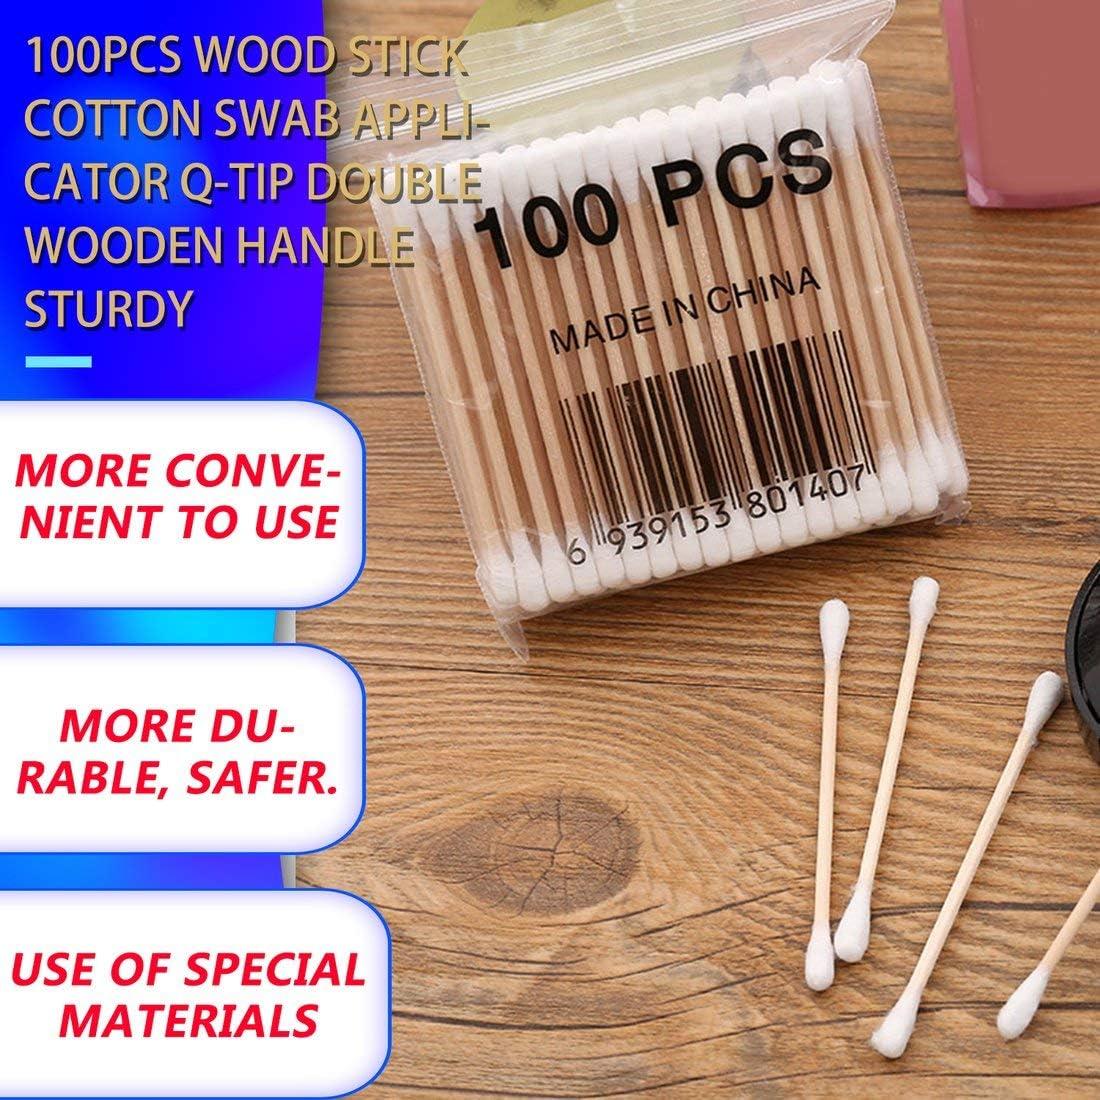 100pcs aplicador de bastoncillo de algod/ón de palo de madera Q-tip doble mango de madera resistente//blanco